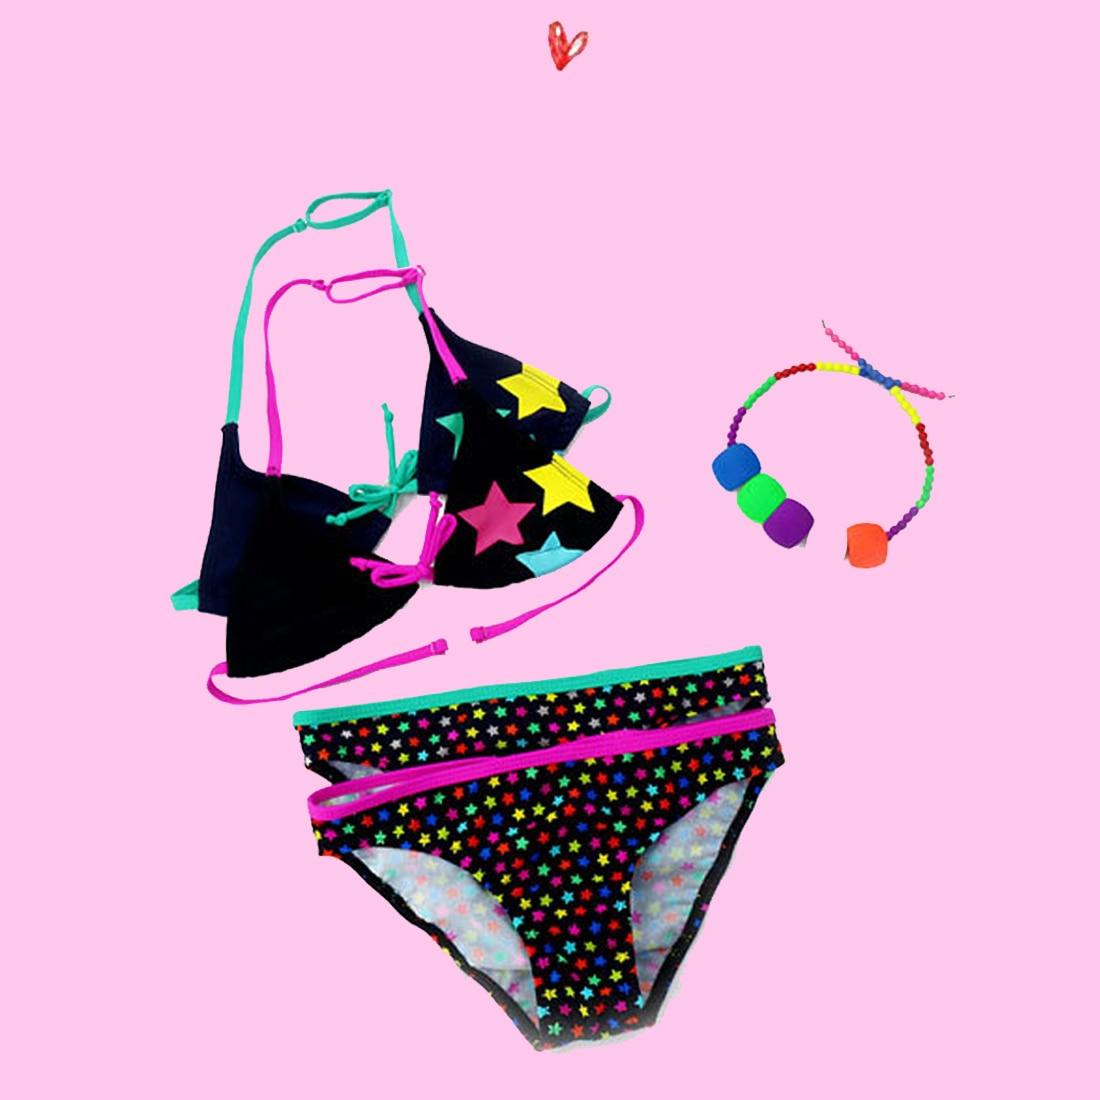 2017 Nuevo traje de baño de verano para niñas, traje de baño de - Ropa deportiva y accesorios